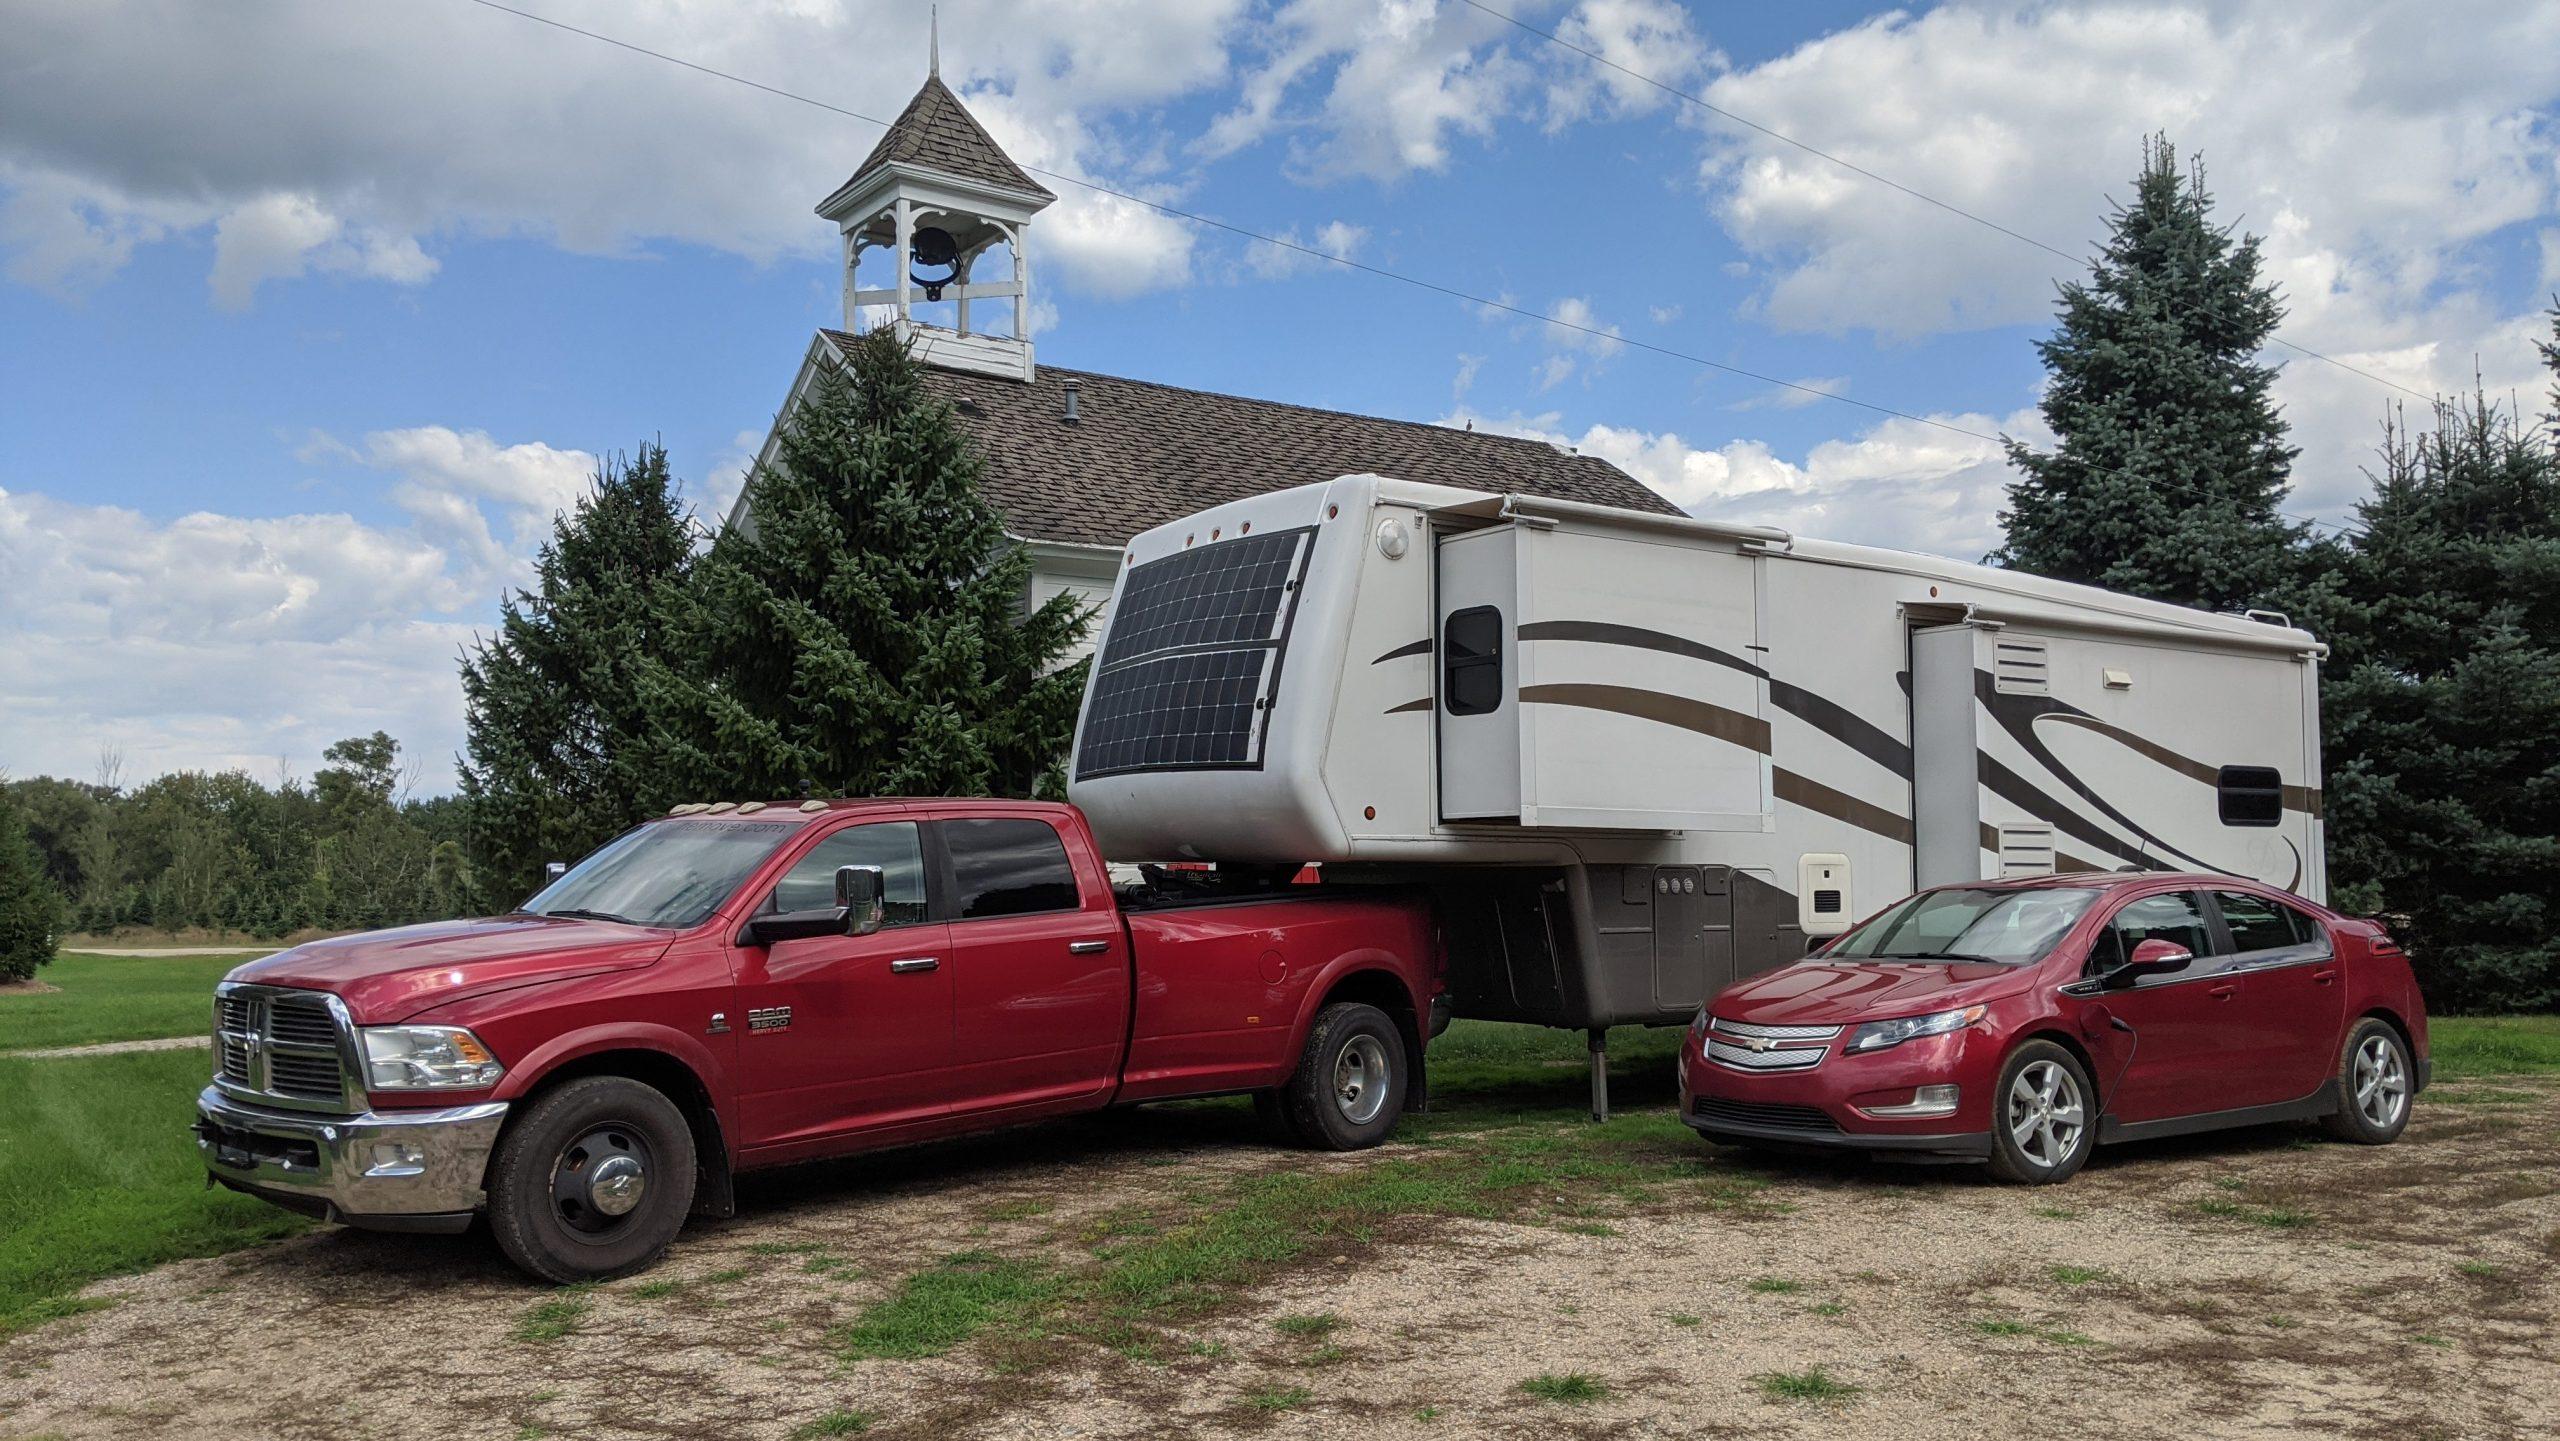 Solar car and RV off grid